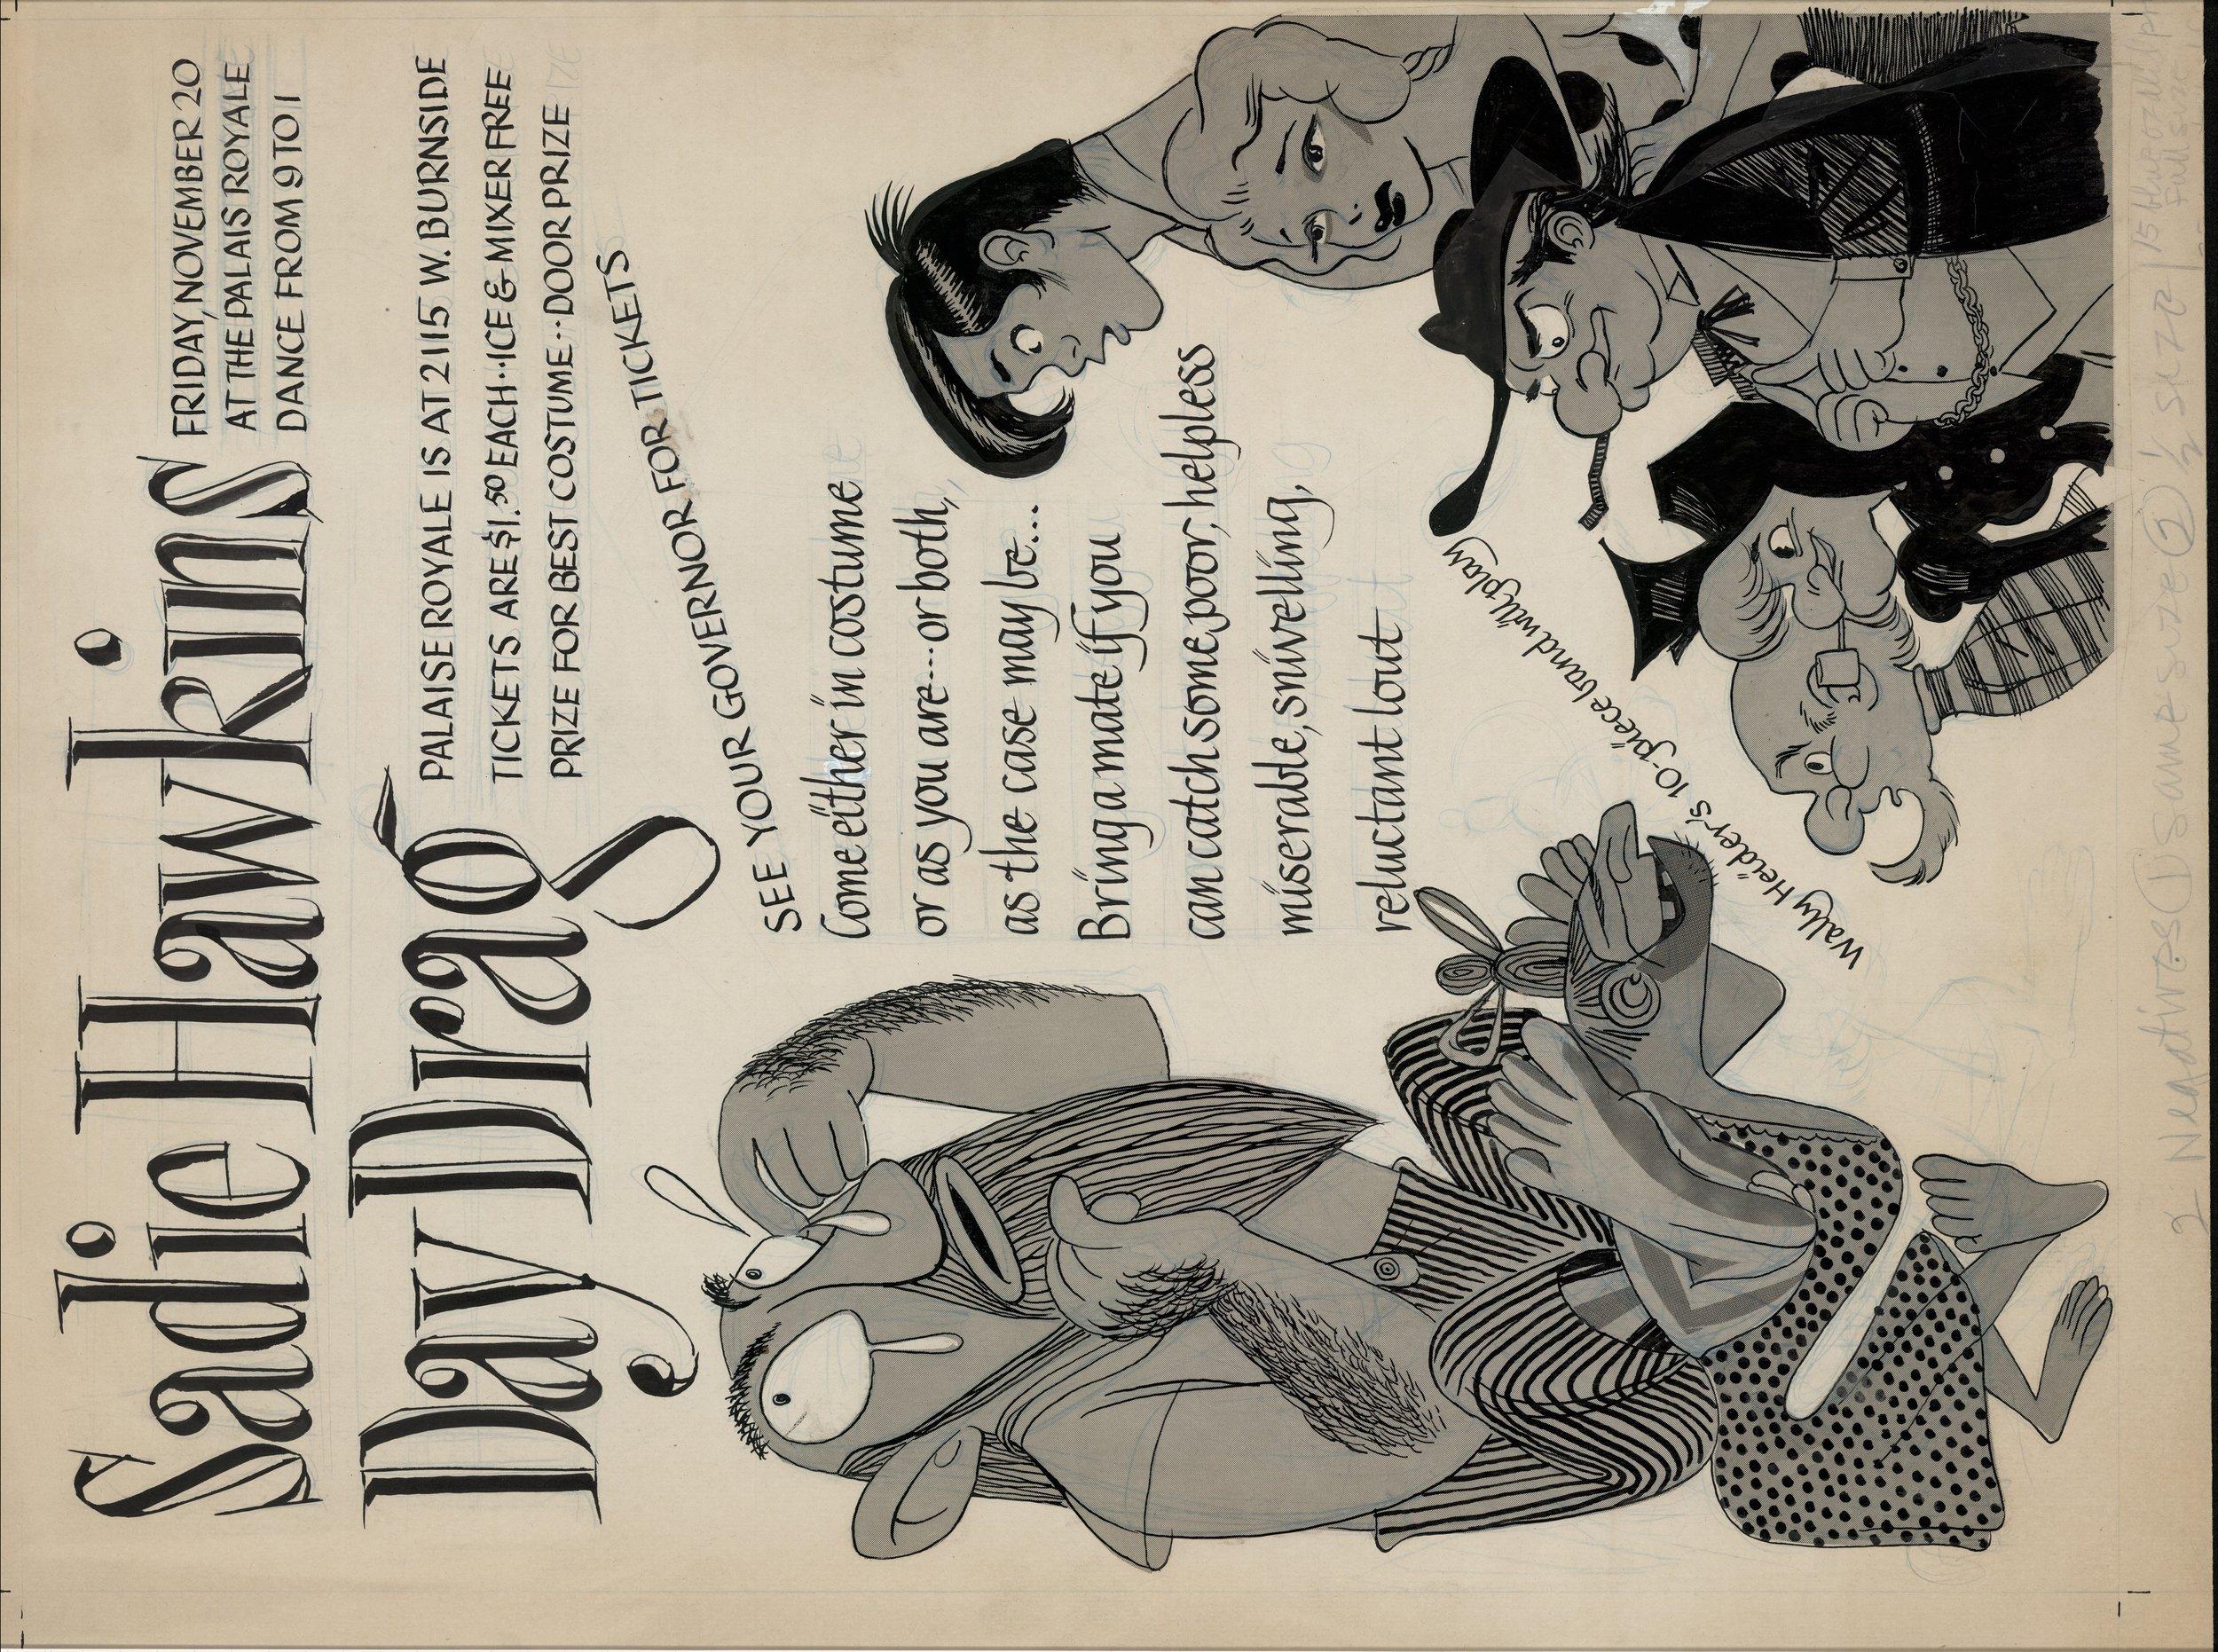 Associates Sadie Hawkins_Hoff_poster_orig_Nov n.d_Folder 3.jpg